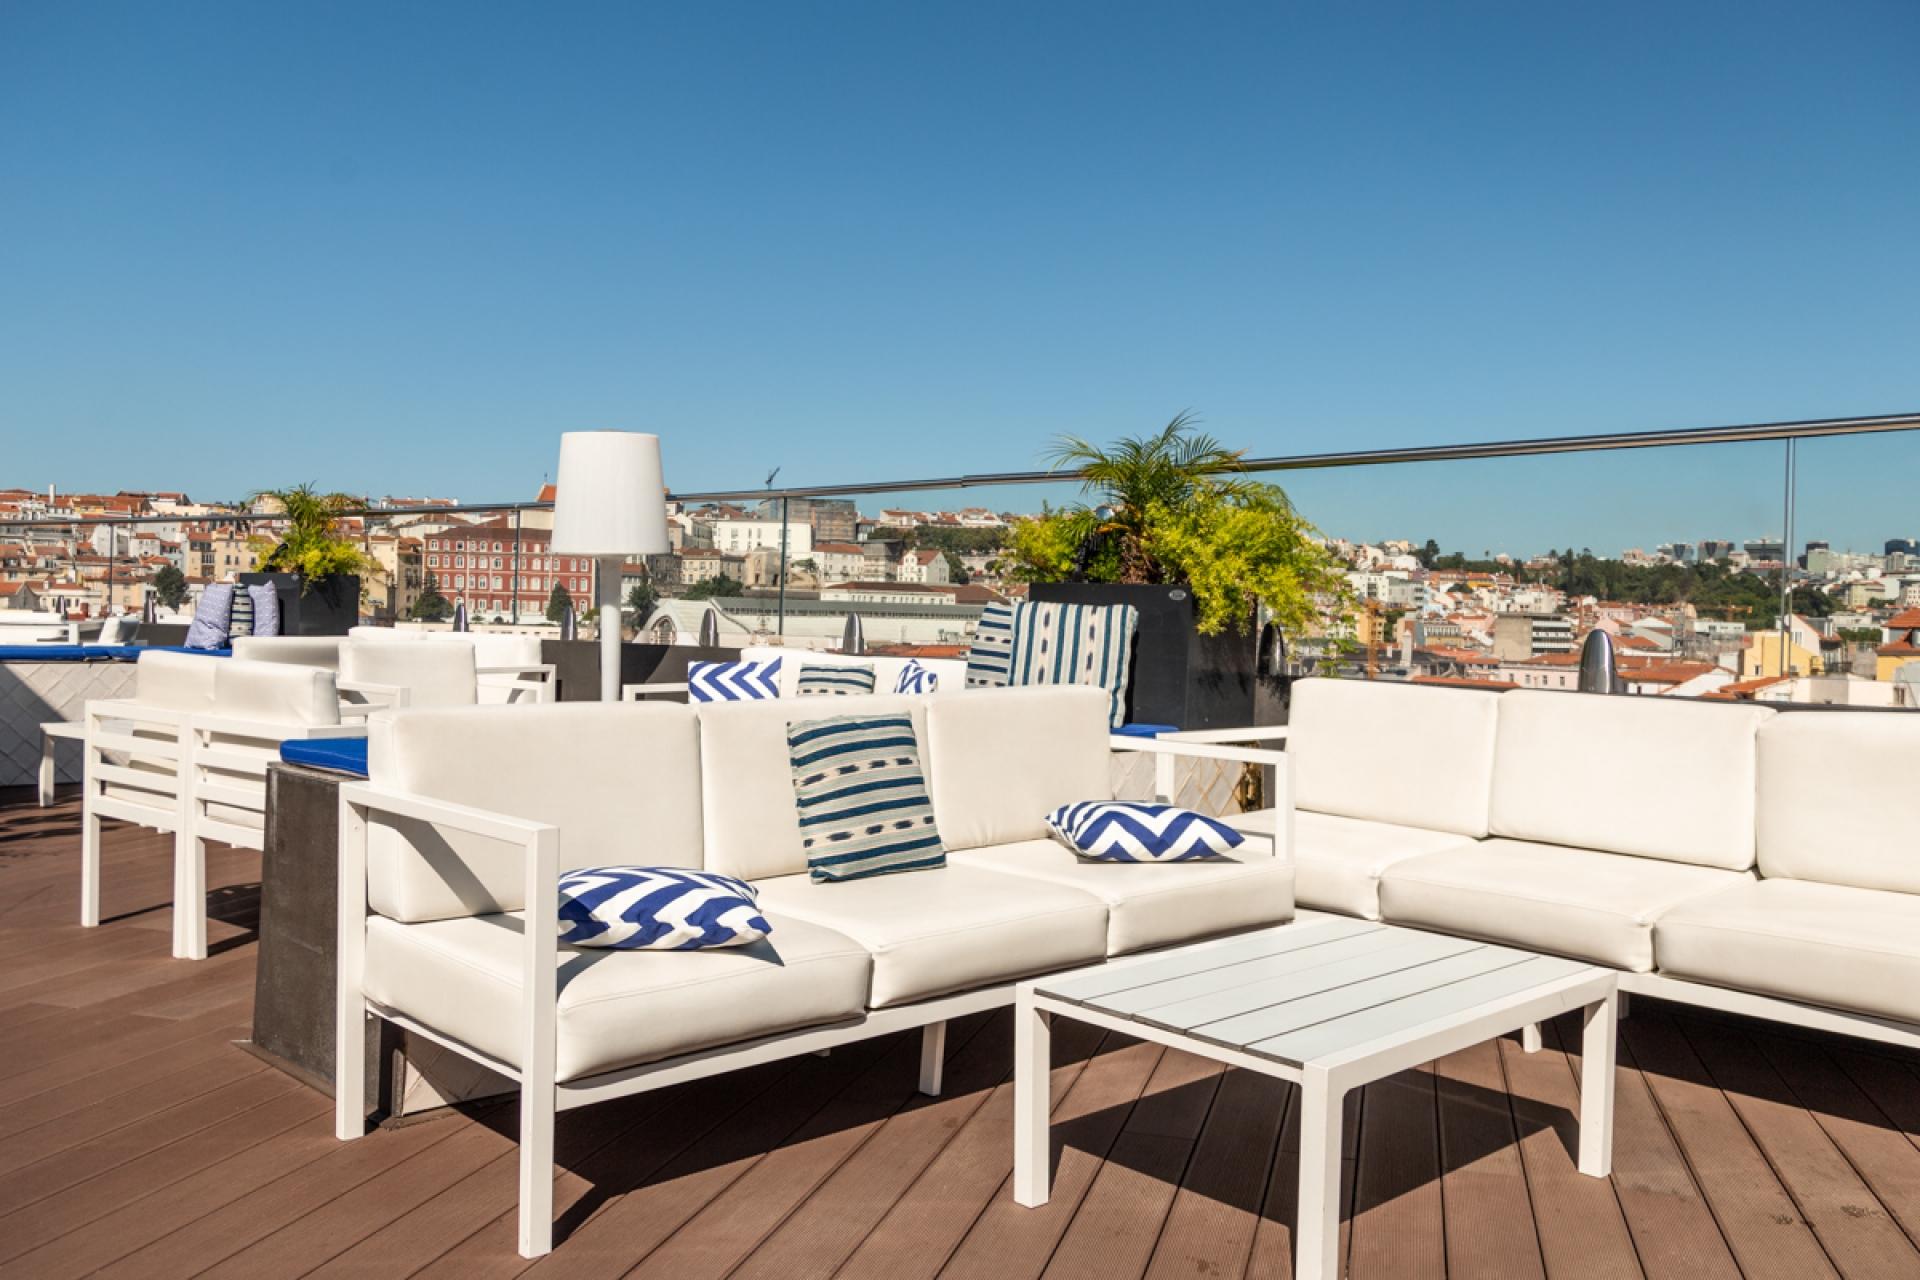 LisboaCool_Sair_Rooftop Bar & Lounge